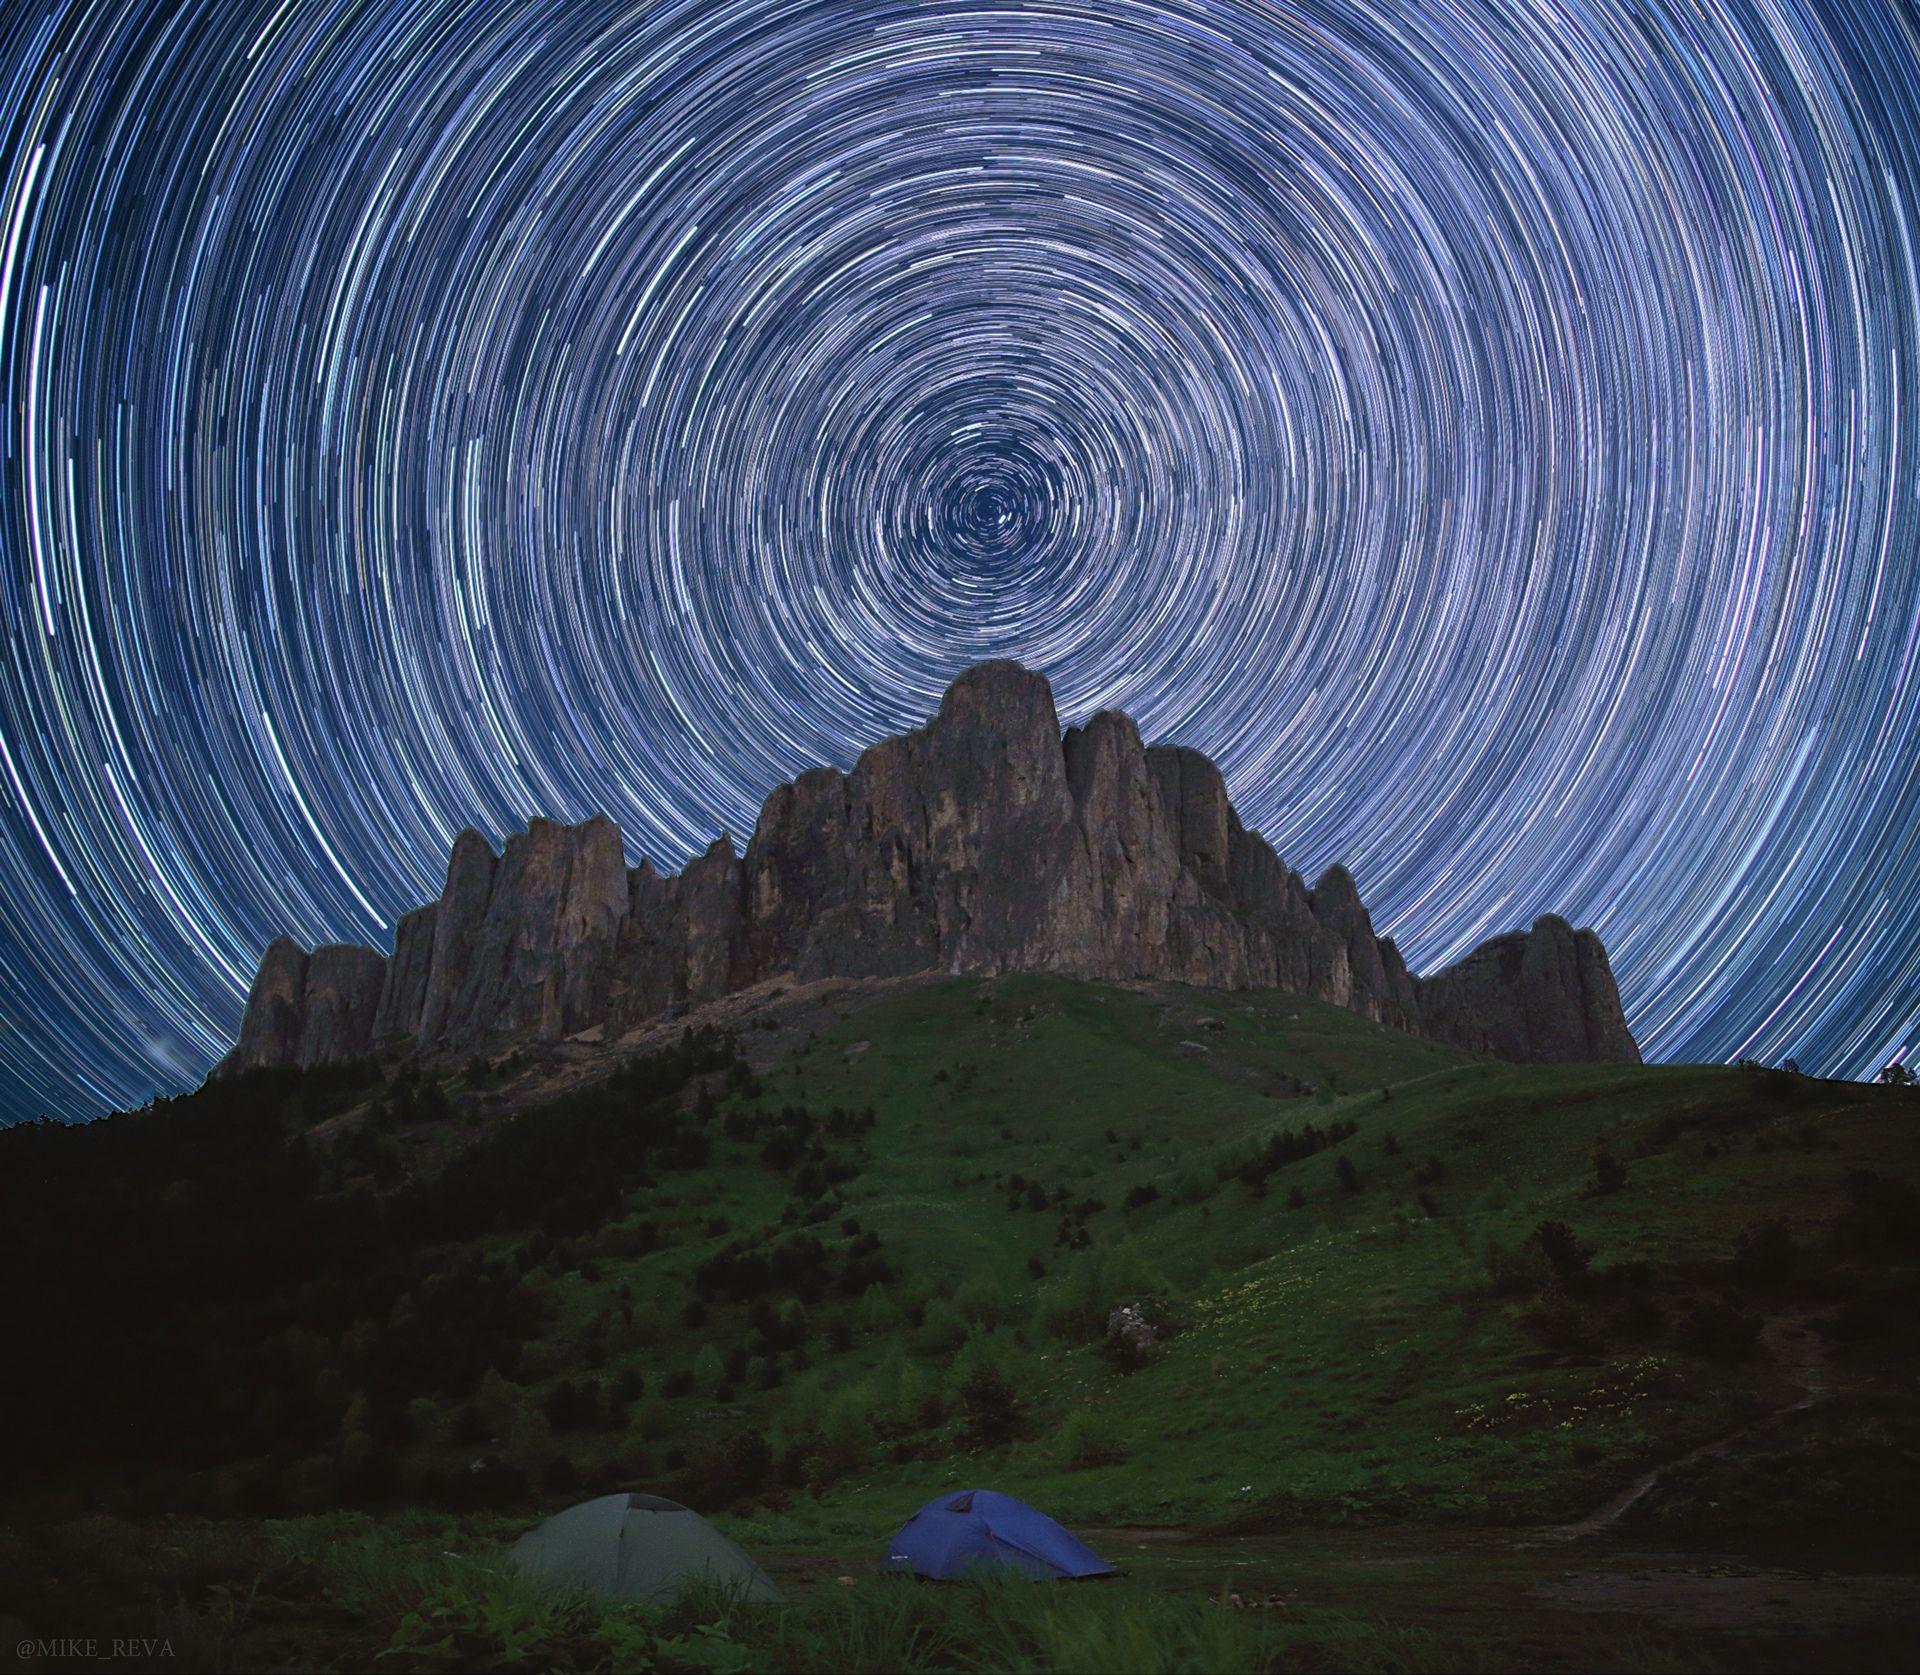 ночь большой тхач ночной пейзаж астрофотография звезды созвездия треки, Рева Михаил